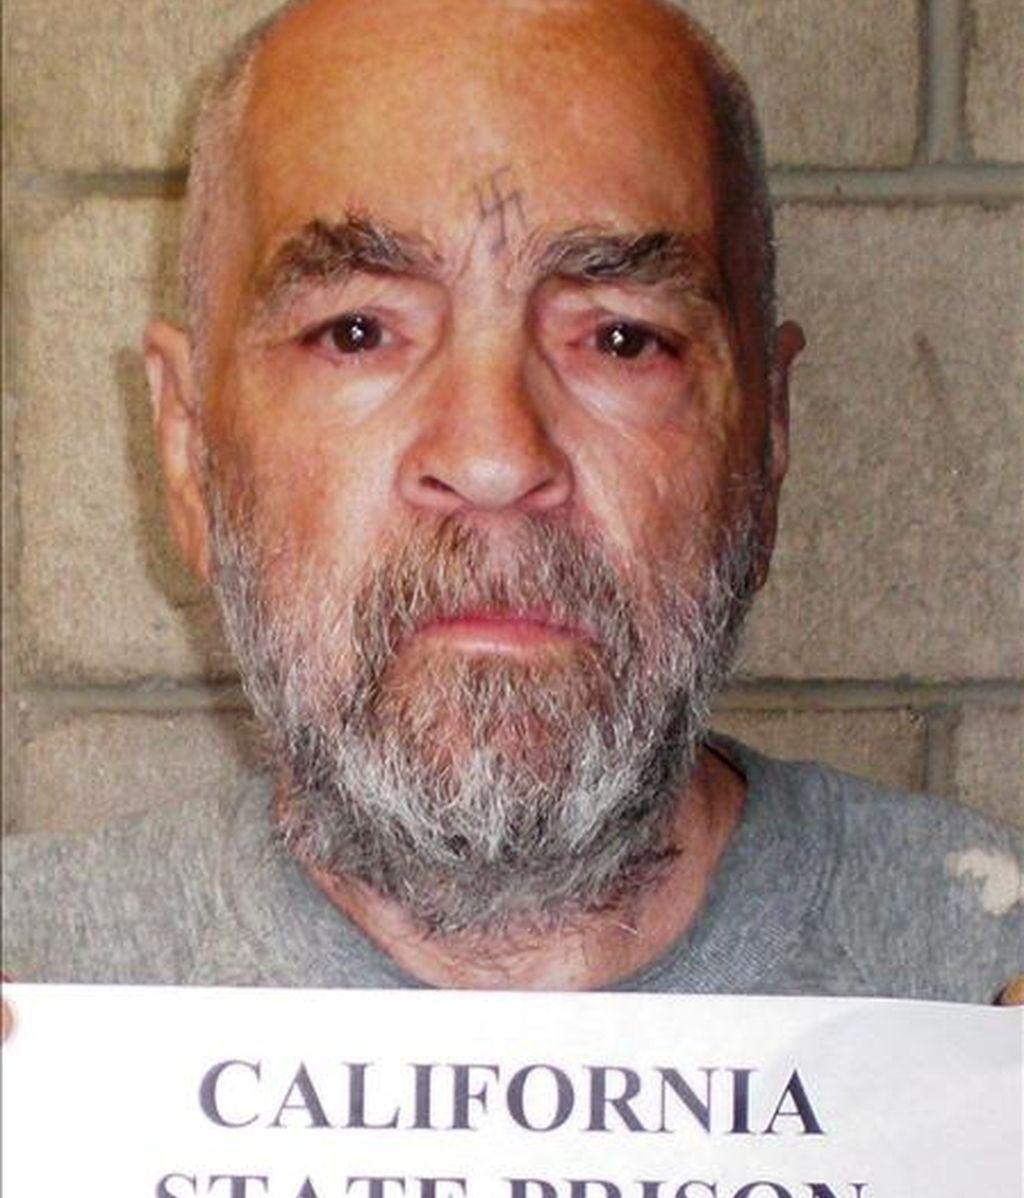 Fotografía cedida por la Prisión Estatal de California el 18 de marzo de este año del presidiario asesino Charles Manson, de 74 años. Manson cumple cadena perpetua por el asesinato de siete personas la noche del 8 al 9 de agosto de 1969. EFE/Prisión Estatal de California